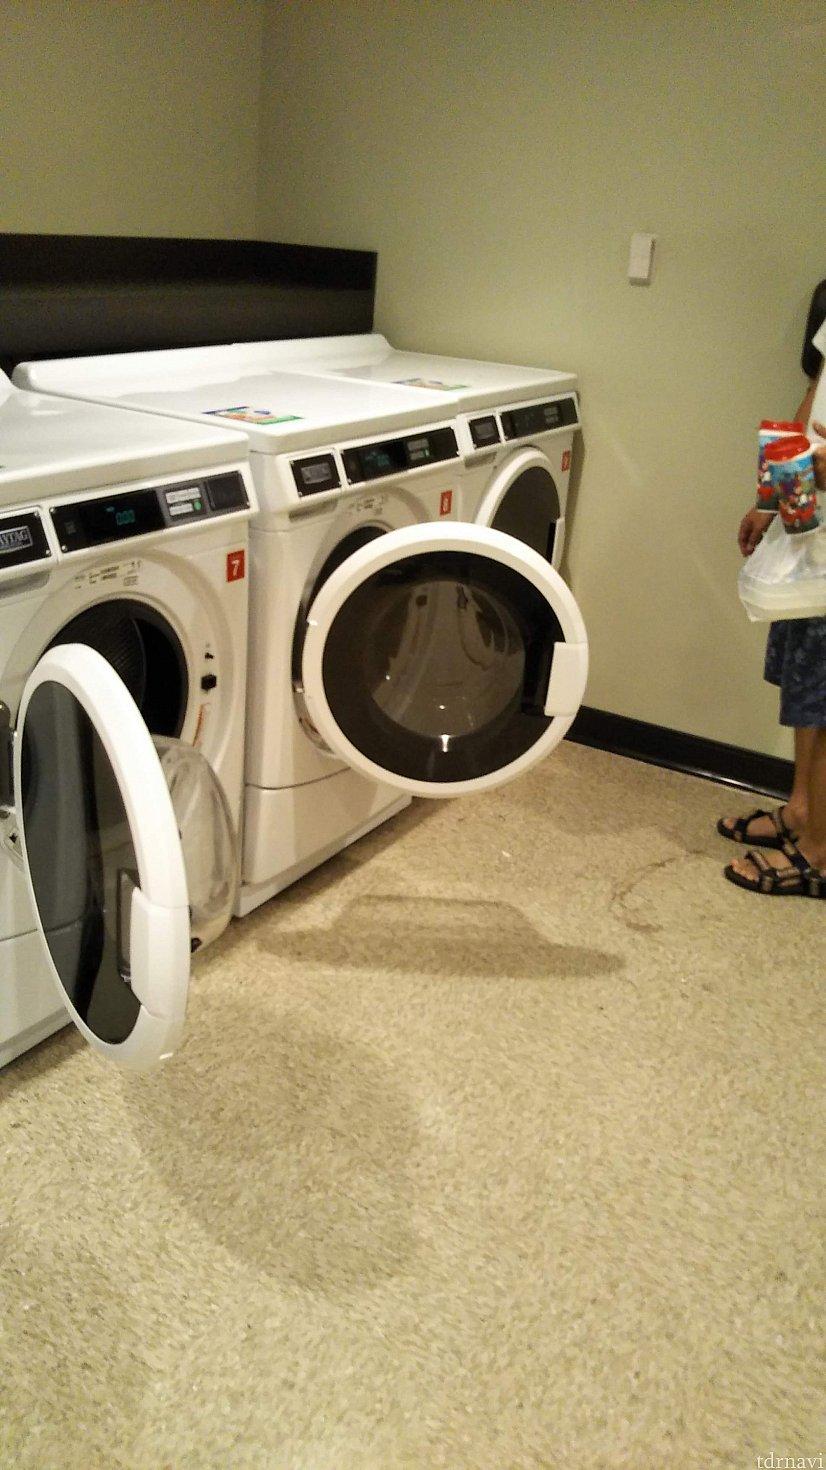 コインランドリーは宿泊階にありました。階ごとにあるかどうかは不明です。プールサイドなどに行かなくて良いから便利でした。 そして、洗濯機と乾燥機が無料でした。3台づつあります。洗剤だけ有料。